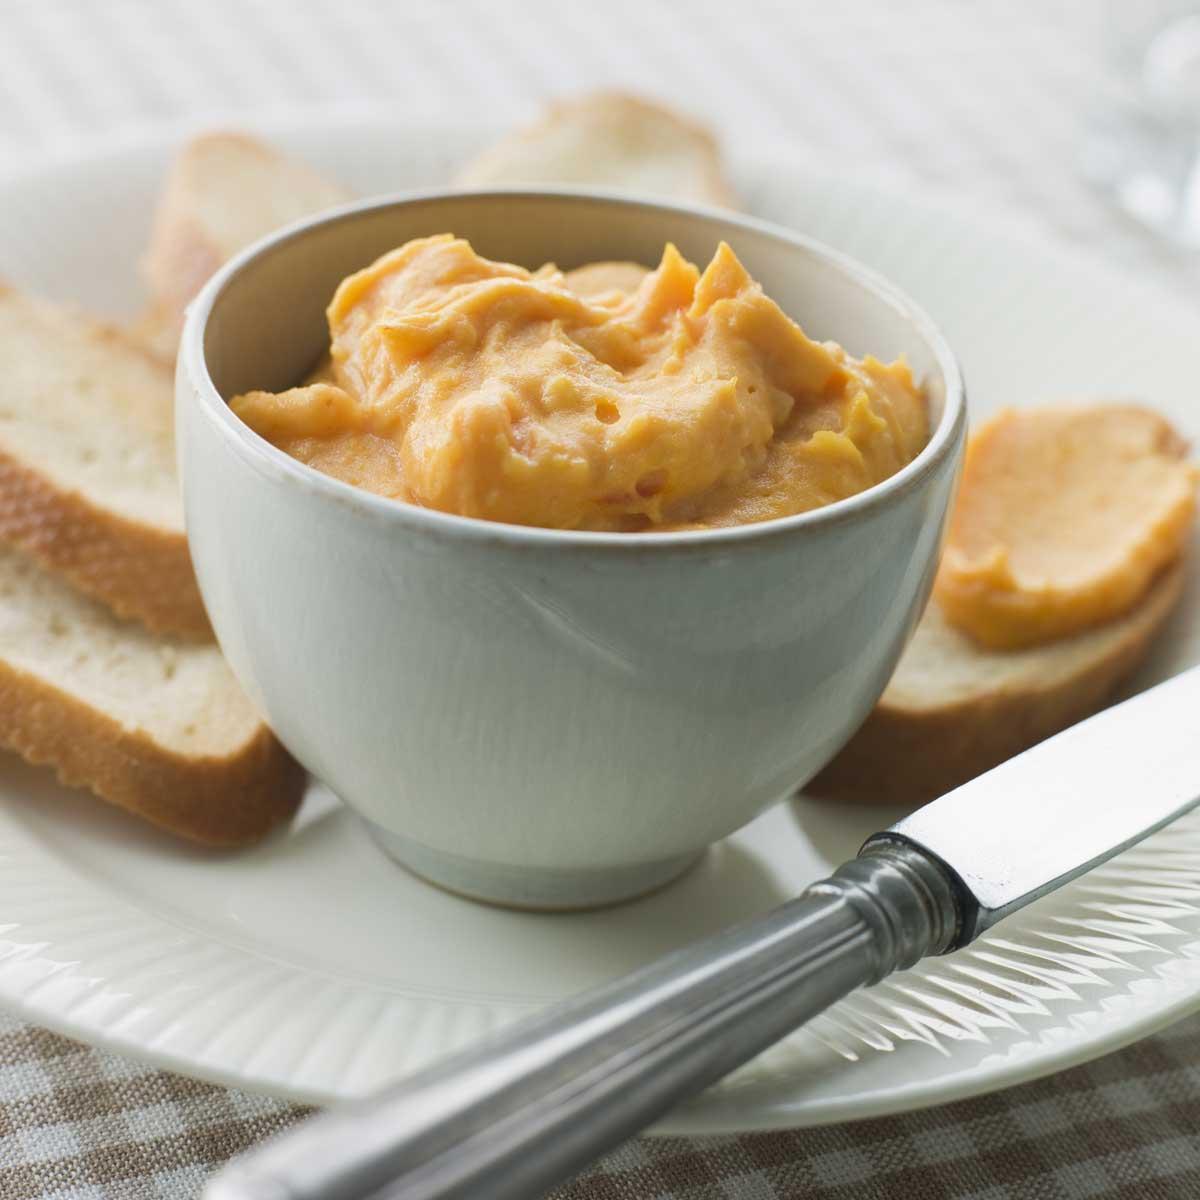 Recette rouille cuisine madame figaro - Madame figaro cuisine ...